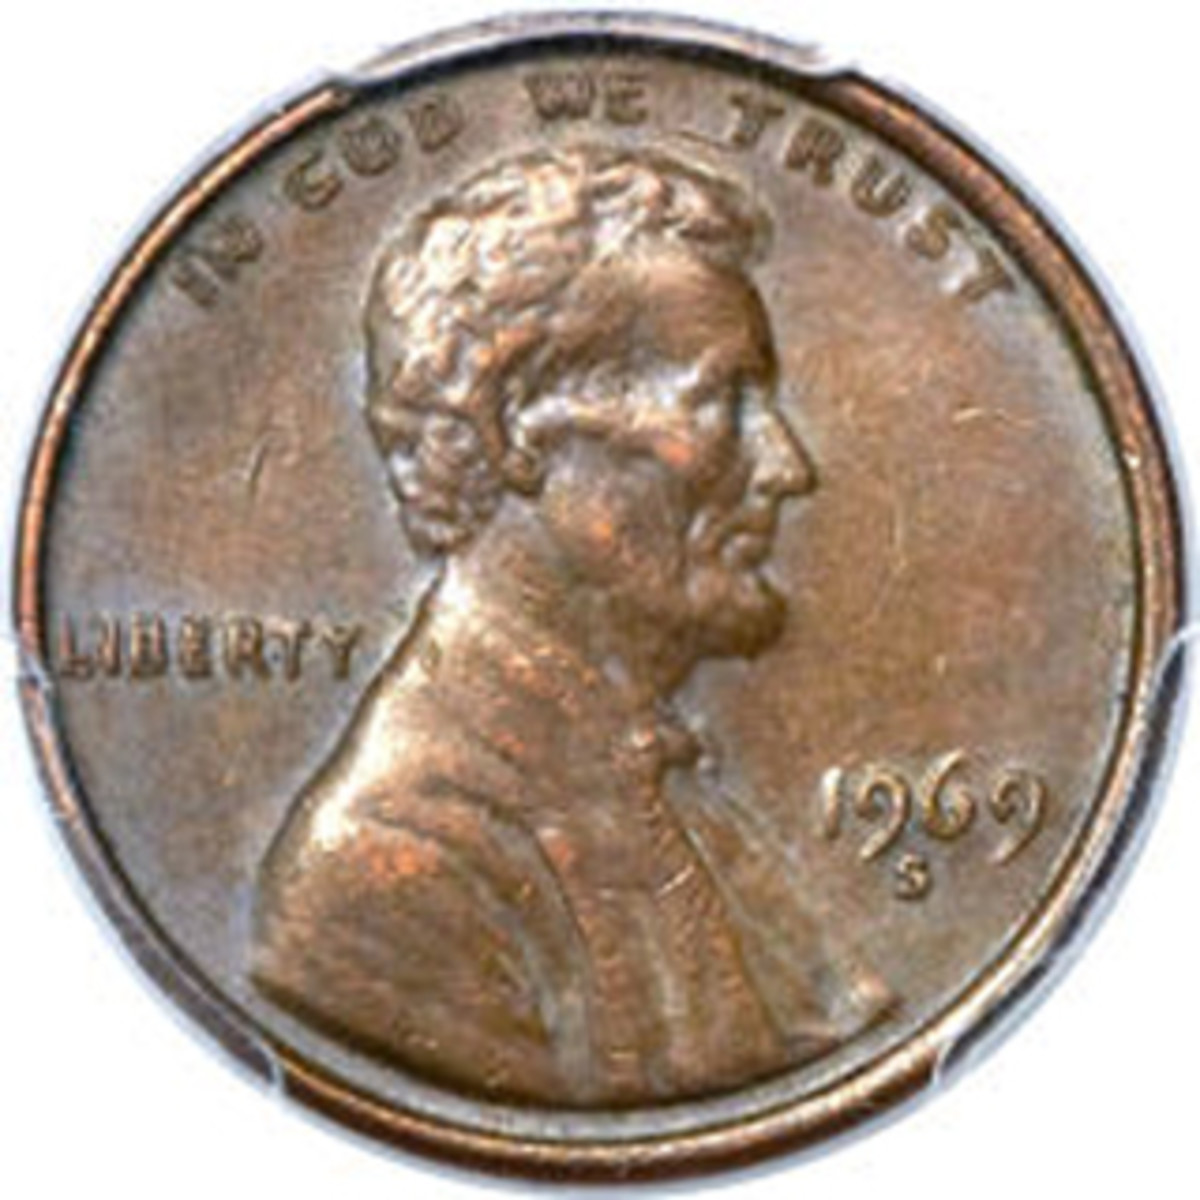 Obverse of Bill Gaitan's AU-55 1969-S double die cent.